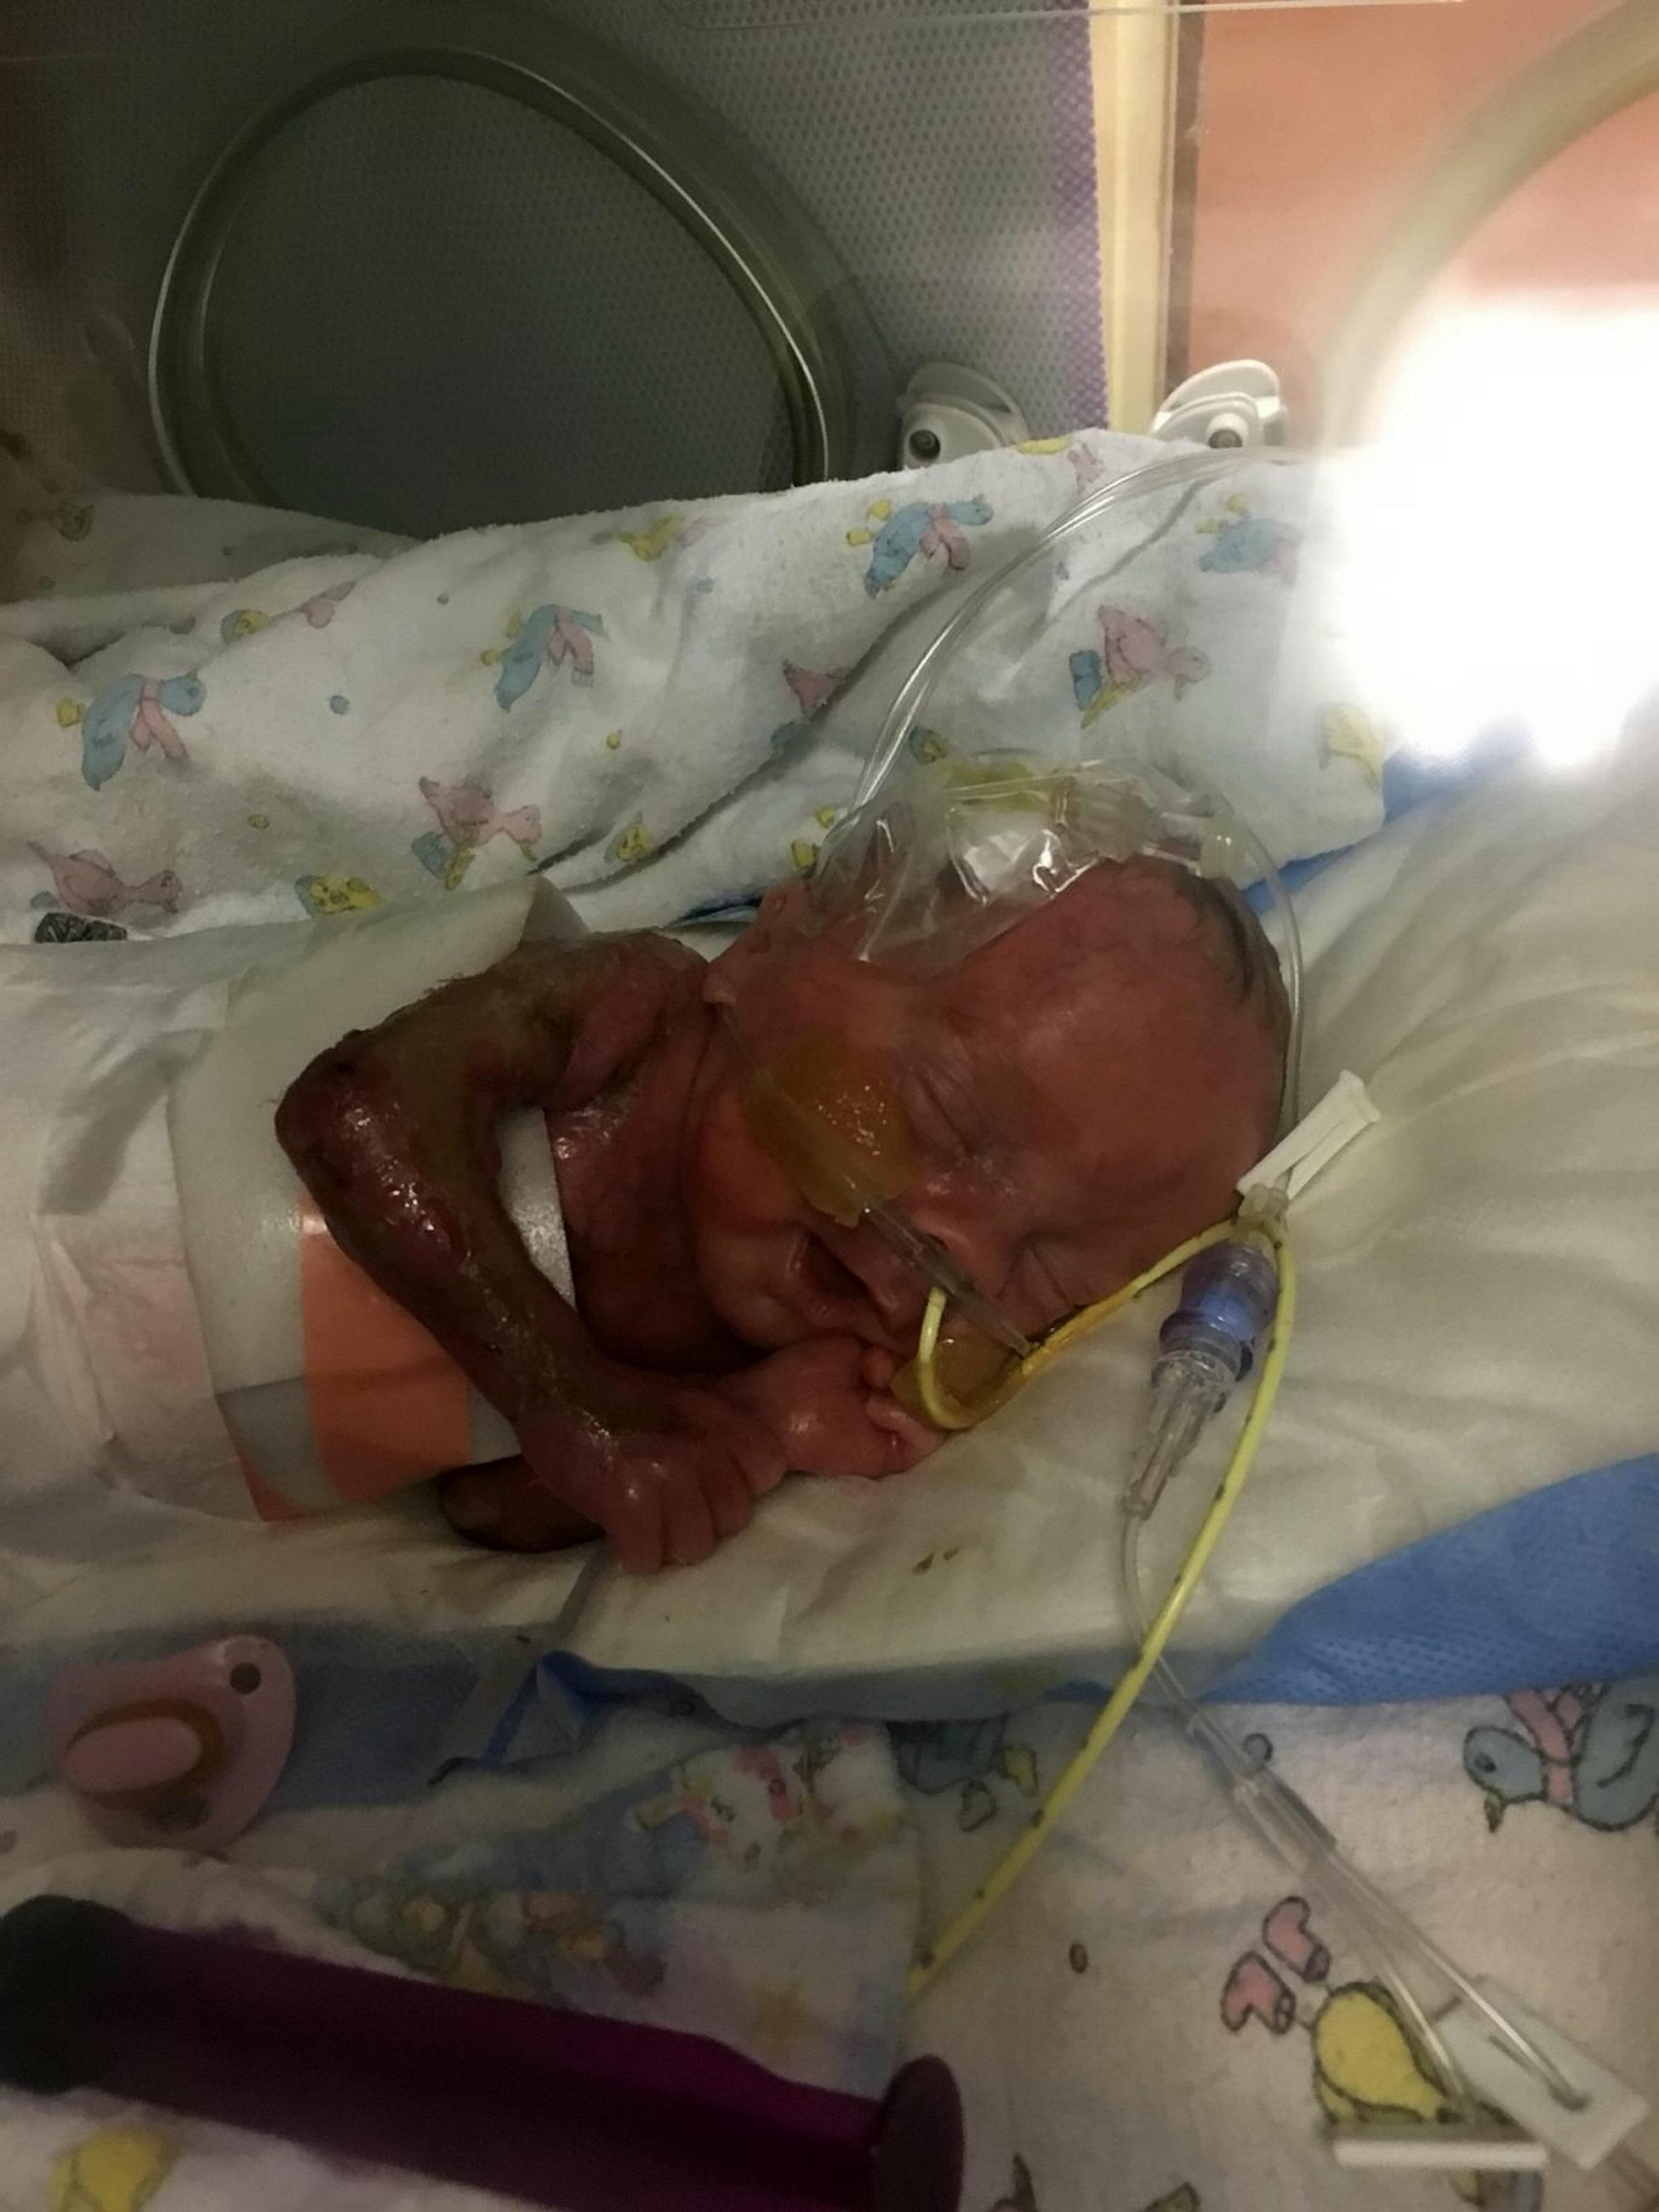 2b381b66ba39 Bőr nélkül született egy brit csecsemő, küzdenek a megmentéséért